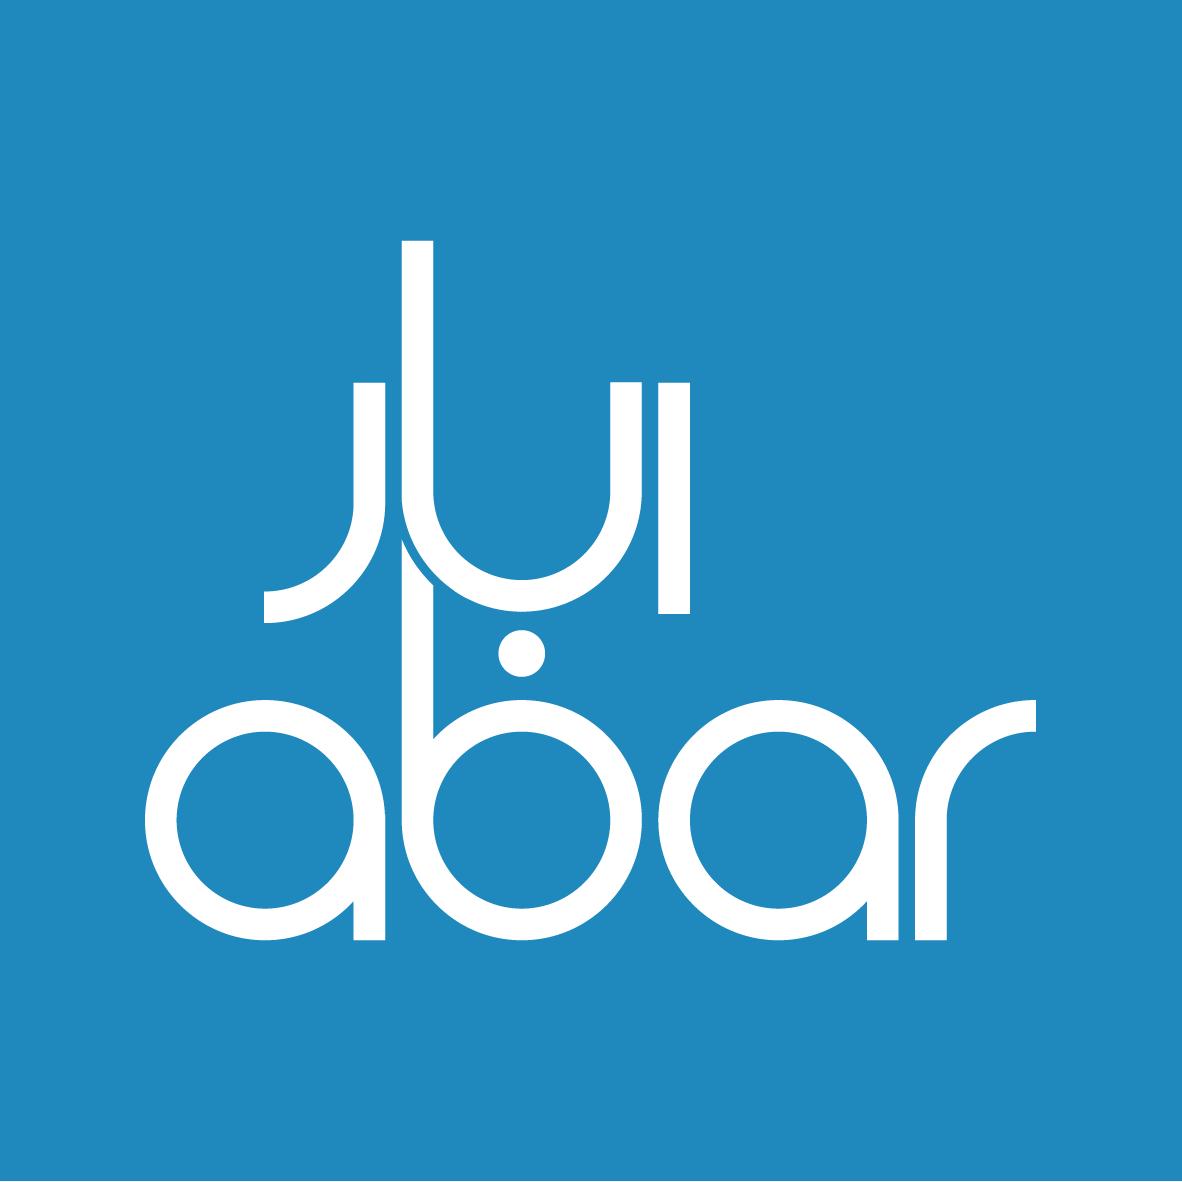 https://www.abar.app/storage/app/uploads/public/60d/507/883/60d507883af3e540048951.png